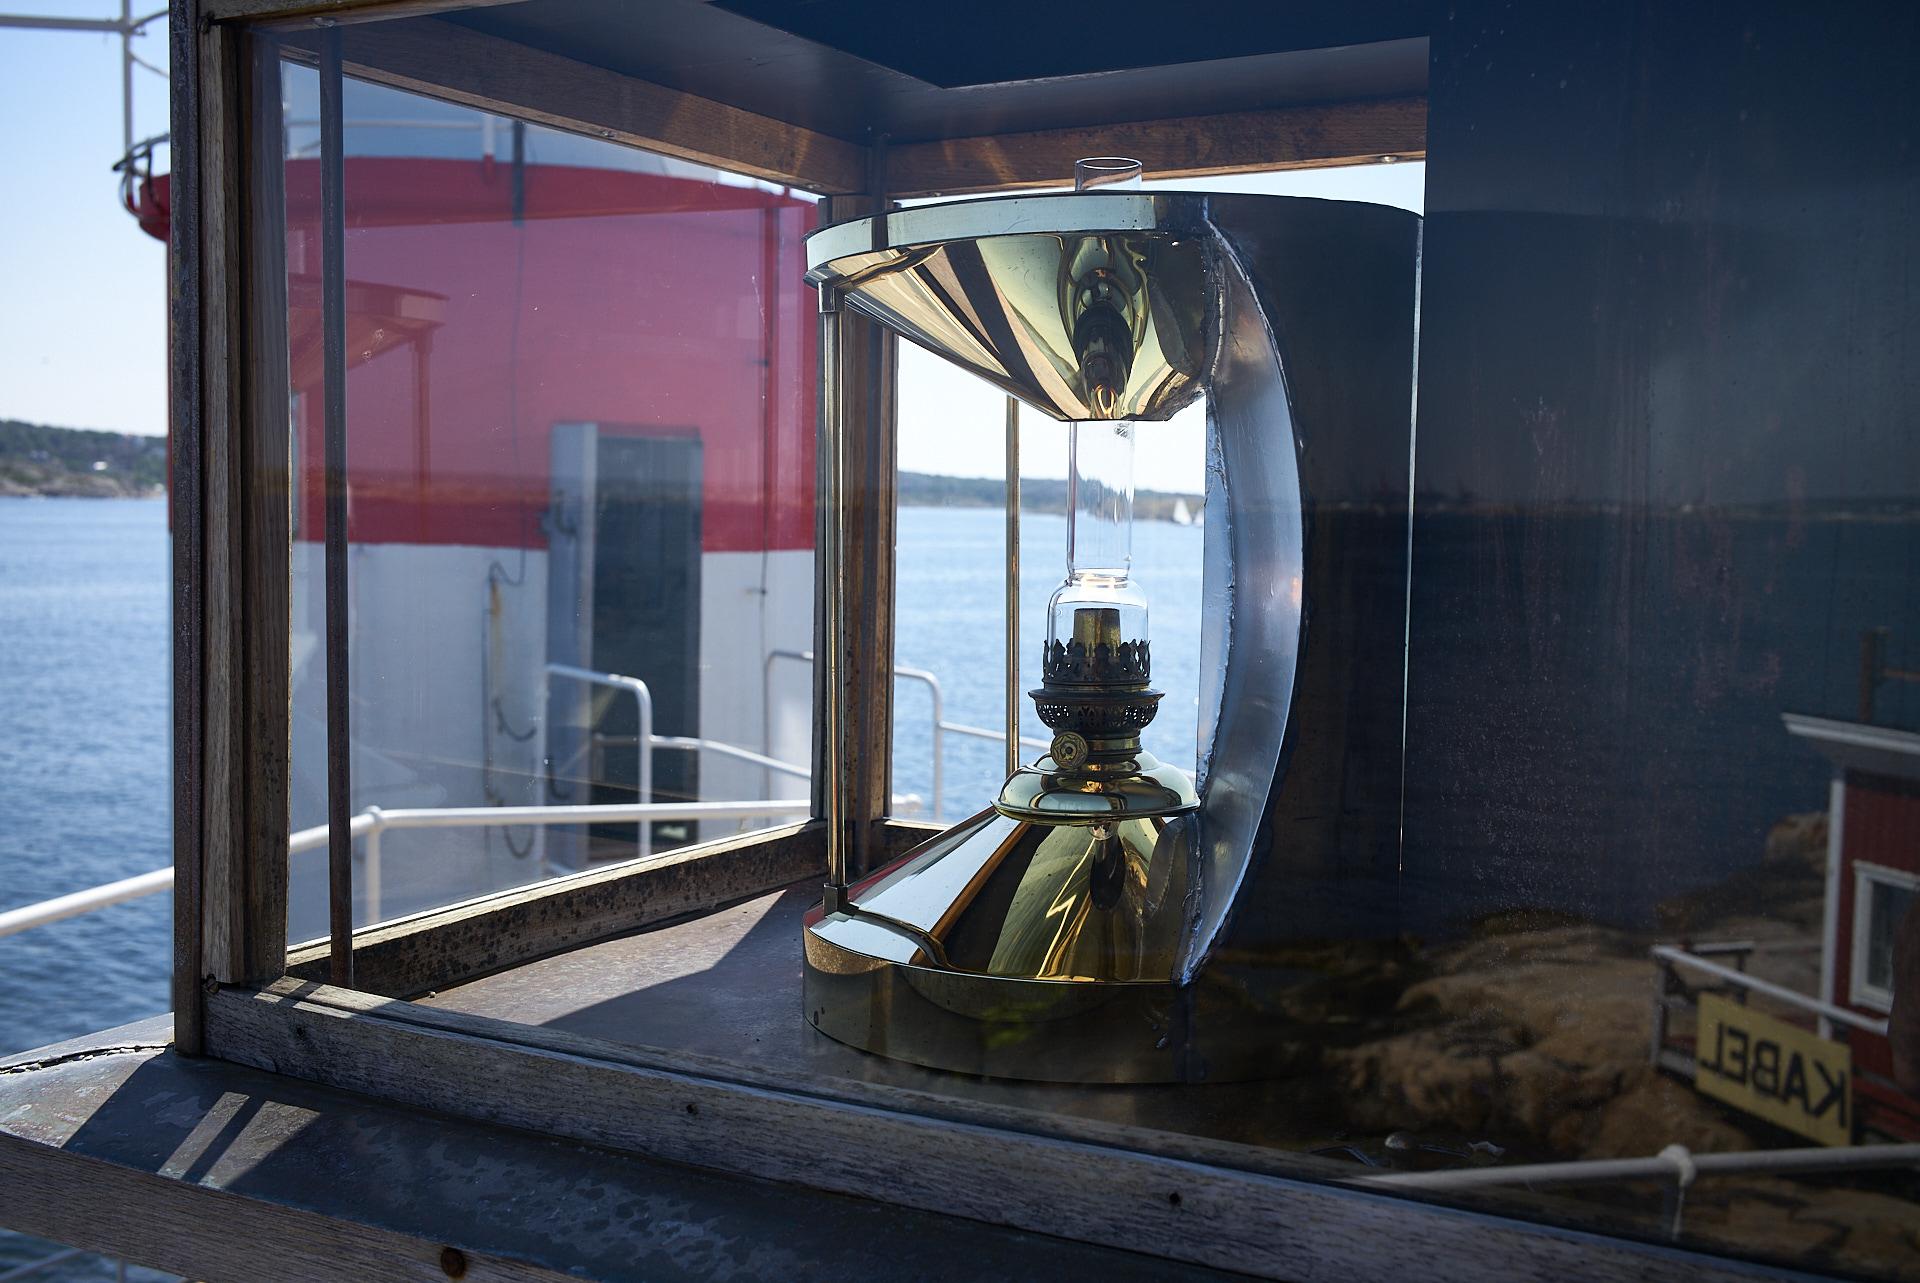 Gäveskär, återskapad sideralskensapparat som var en ursprungliga fyrlyktan